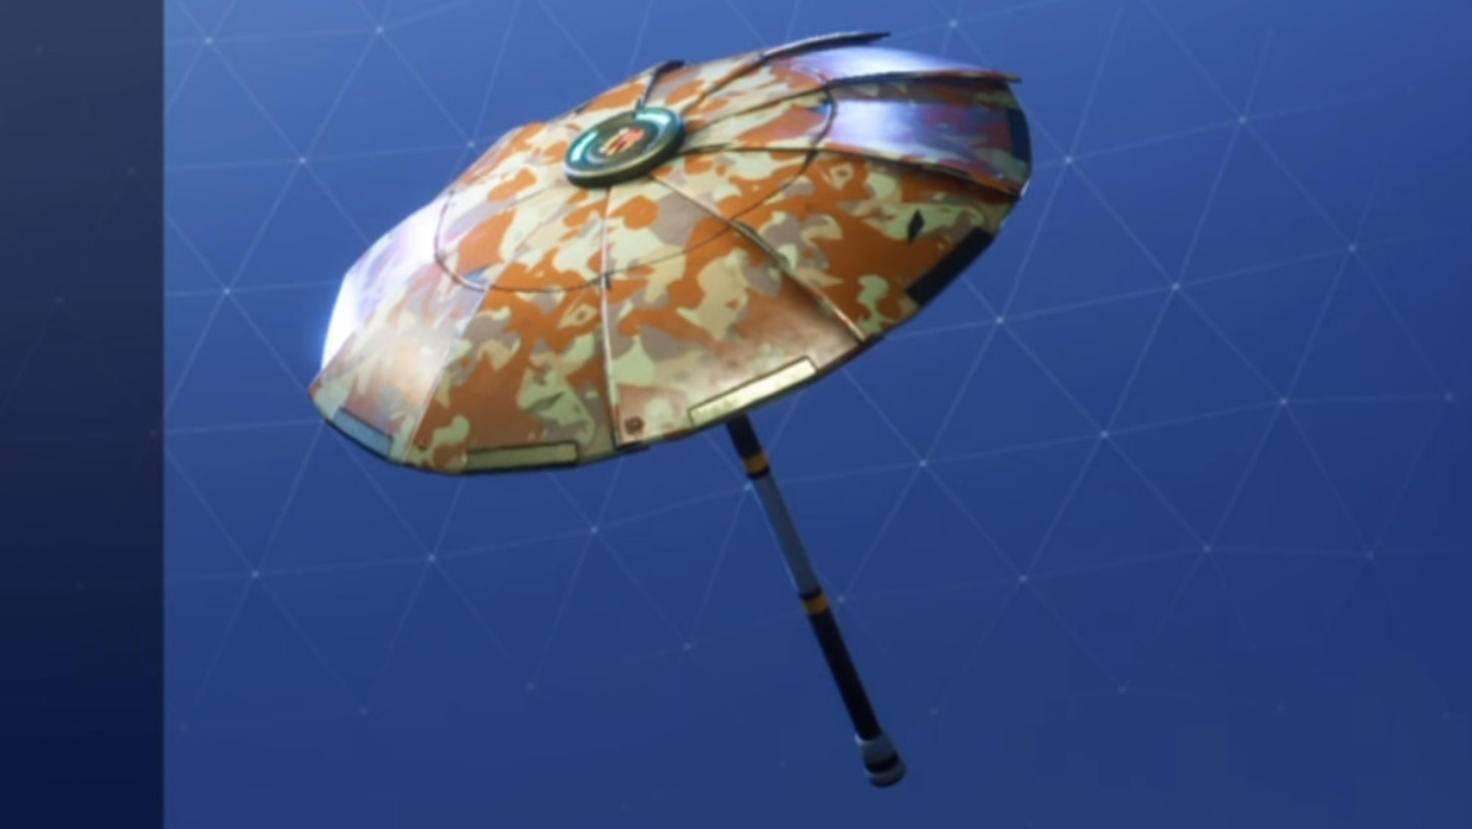 Den goldenen Camouflage-Schirm gibt's nur für Geld, ...